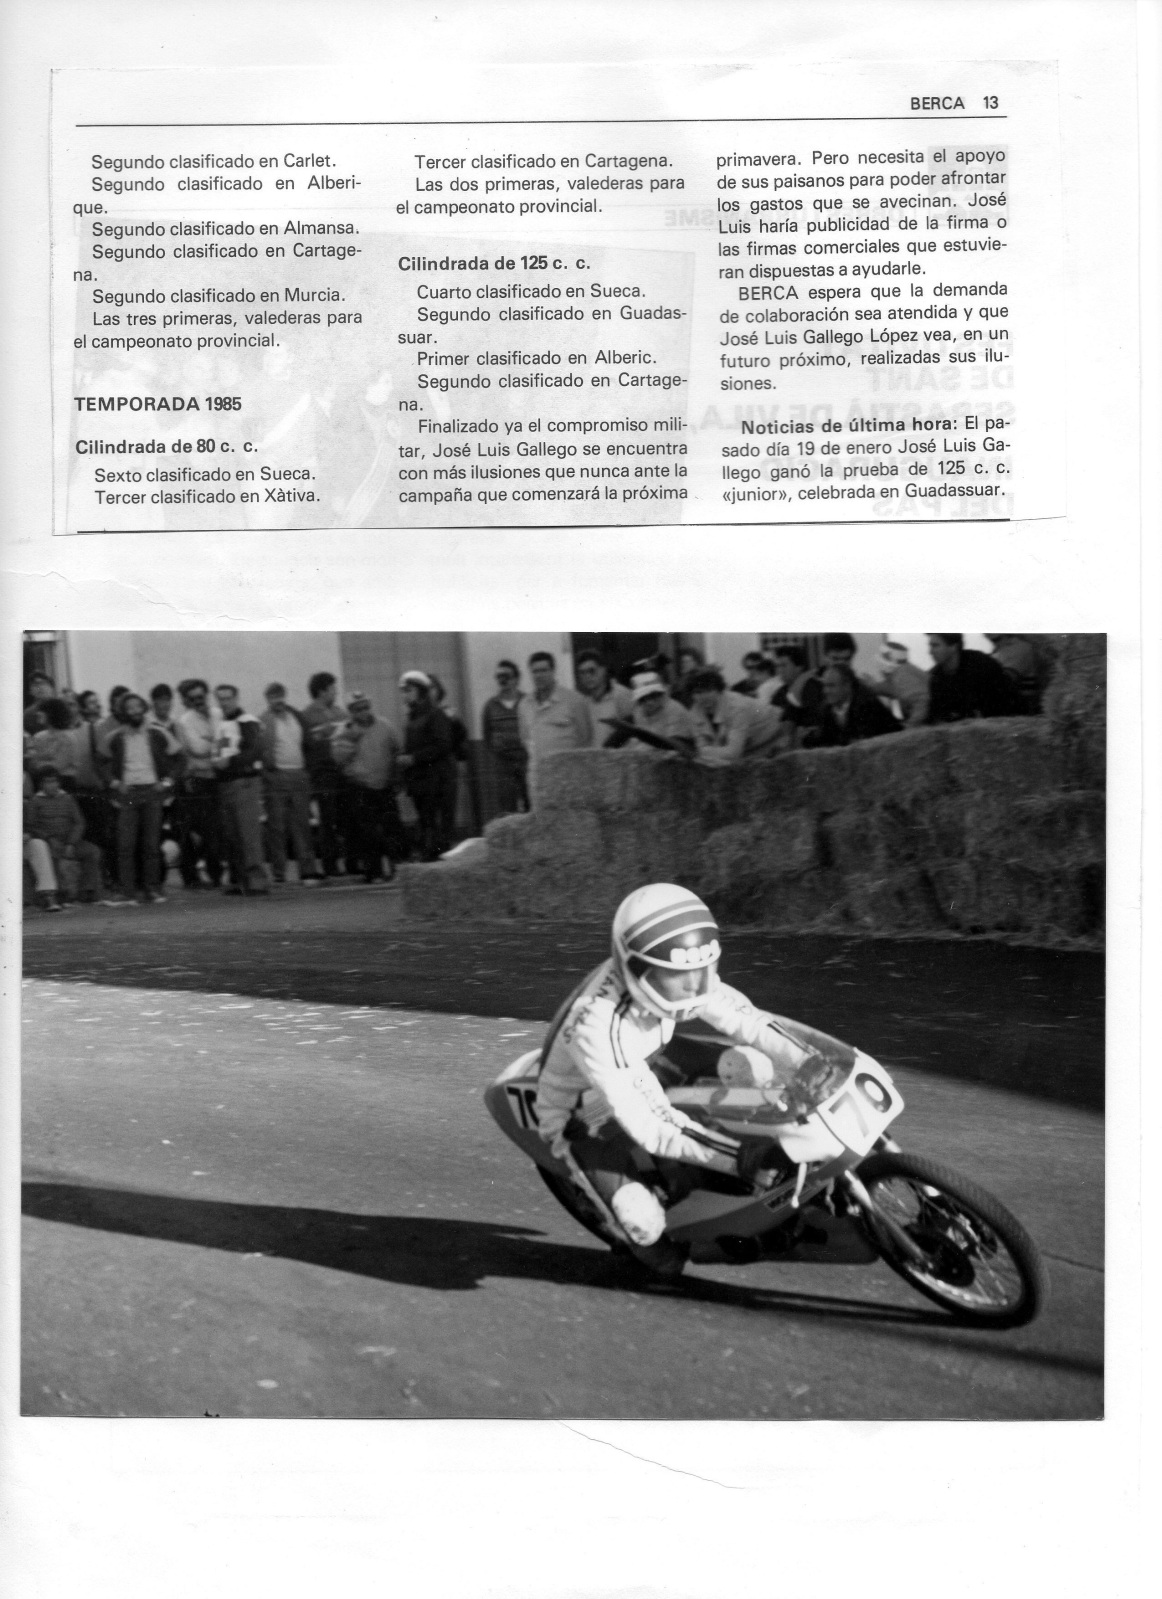 Antiguos pilotos: José Luis Gallego (V) 16as6eq